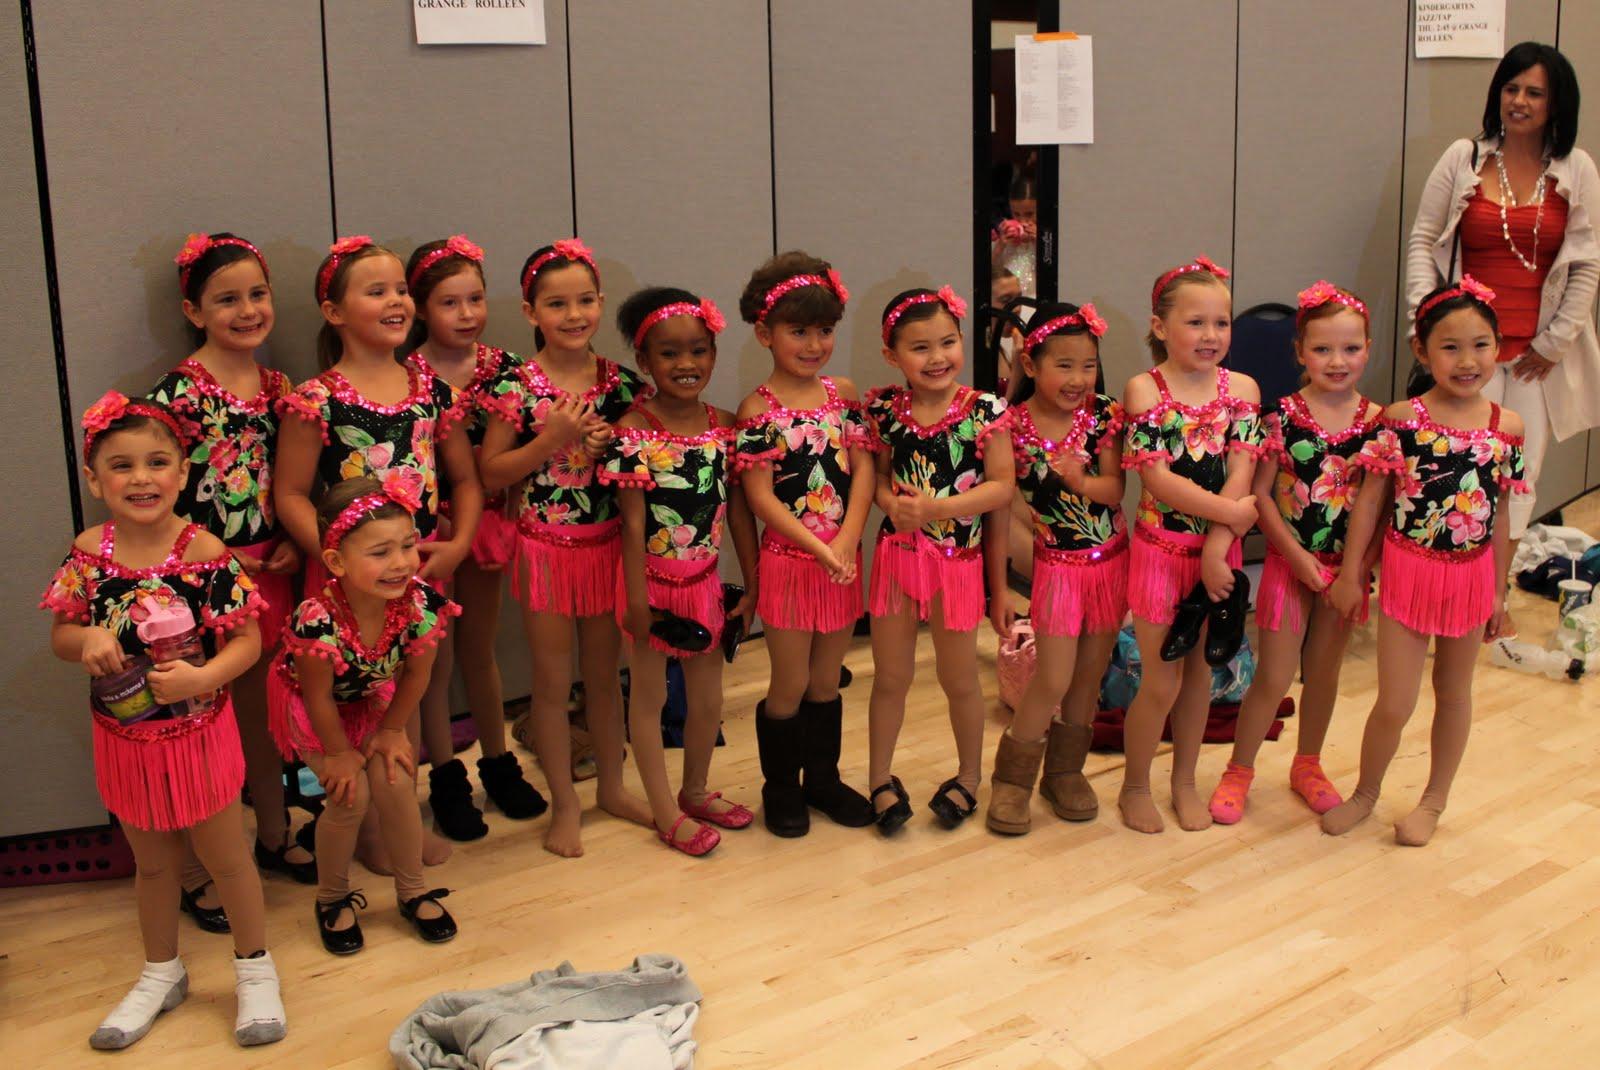 The Ard Clan: Dance Dance Dance